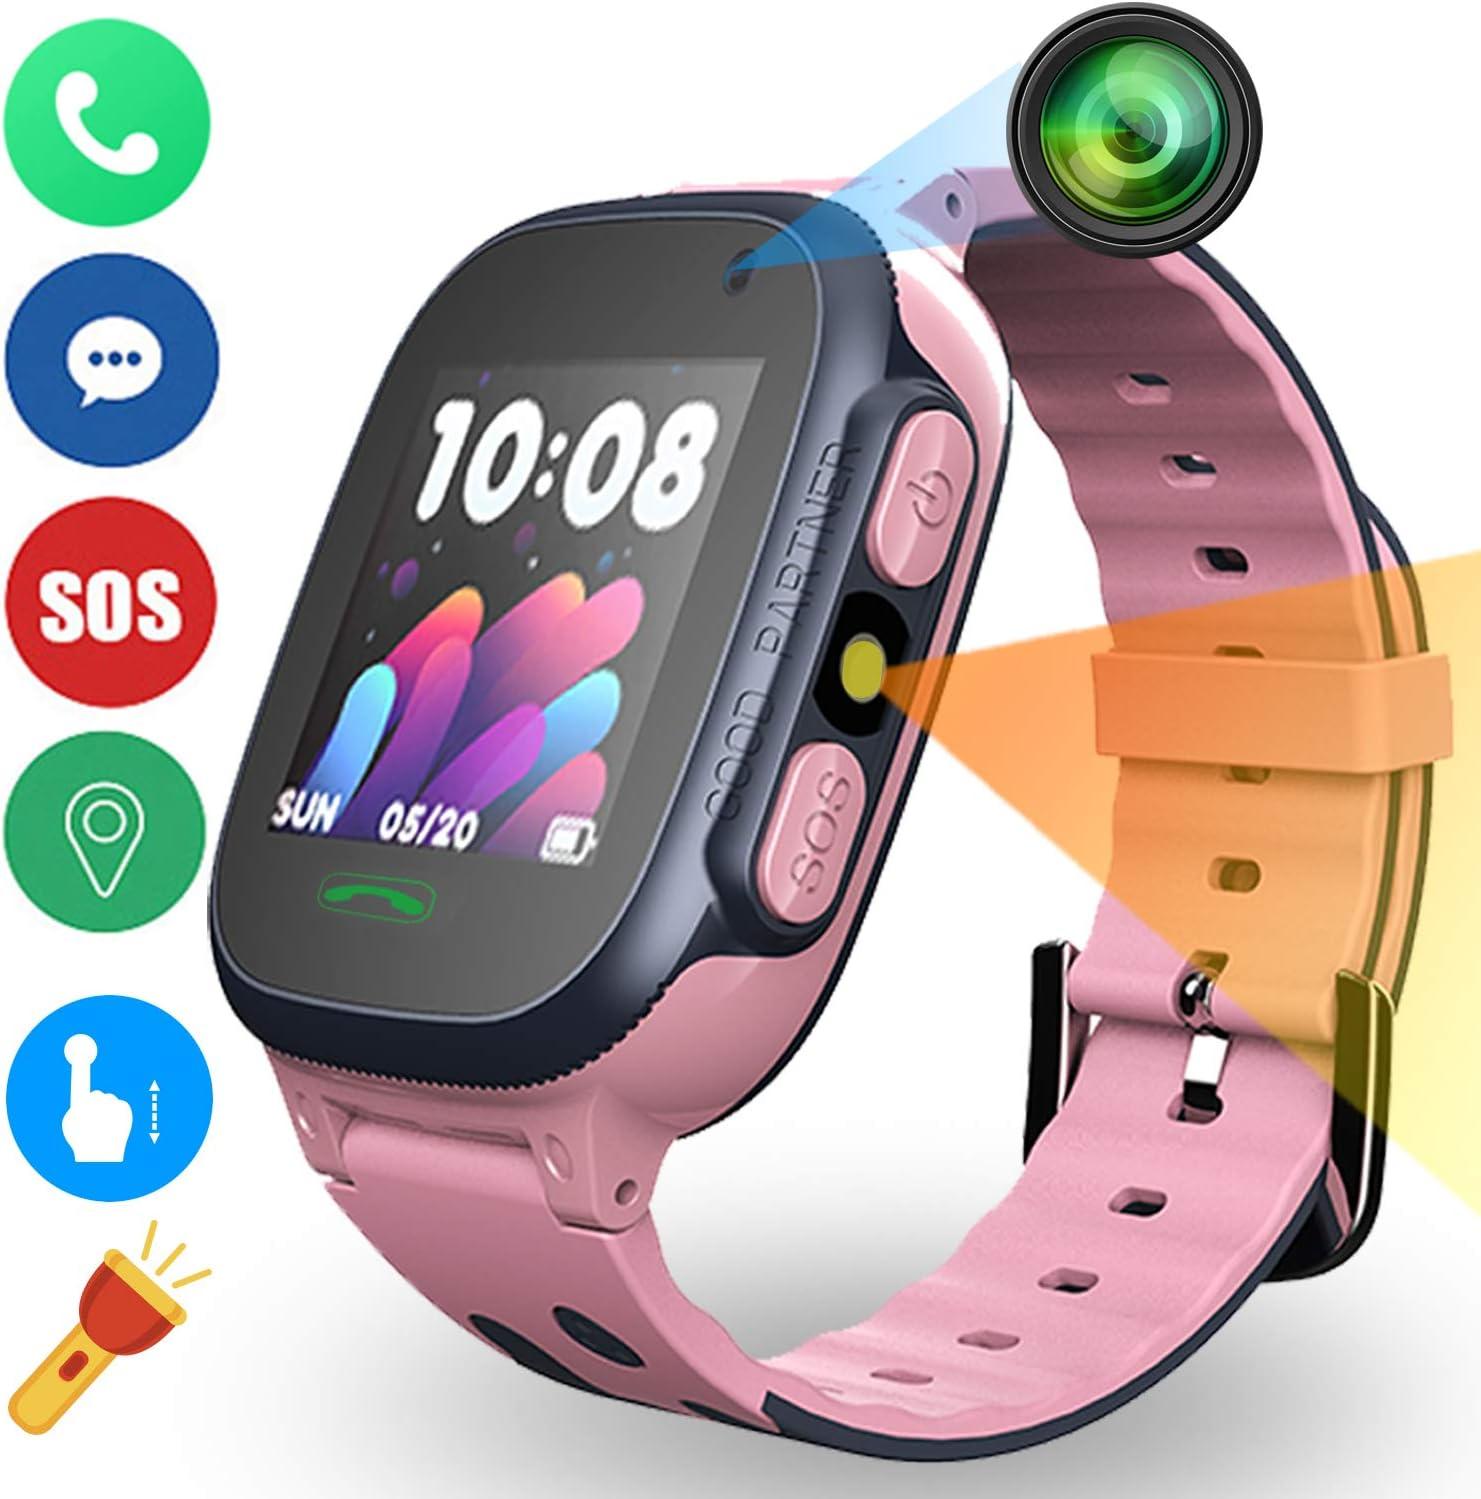 Niños Inteligente Relojes Telefono Estudiante, Relojes Smart Lata Realiza LBS Tracker Posicionamiento SOS Ranura para Tarjeta de Juego Juego de Reloj Inteligente, Regalo Infantil de 3 a 12 Años(Rosa)